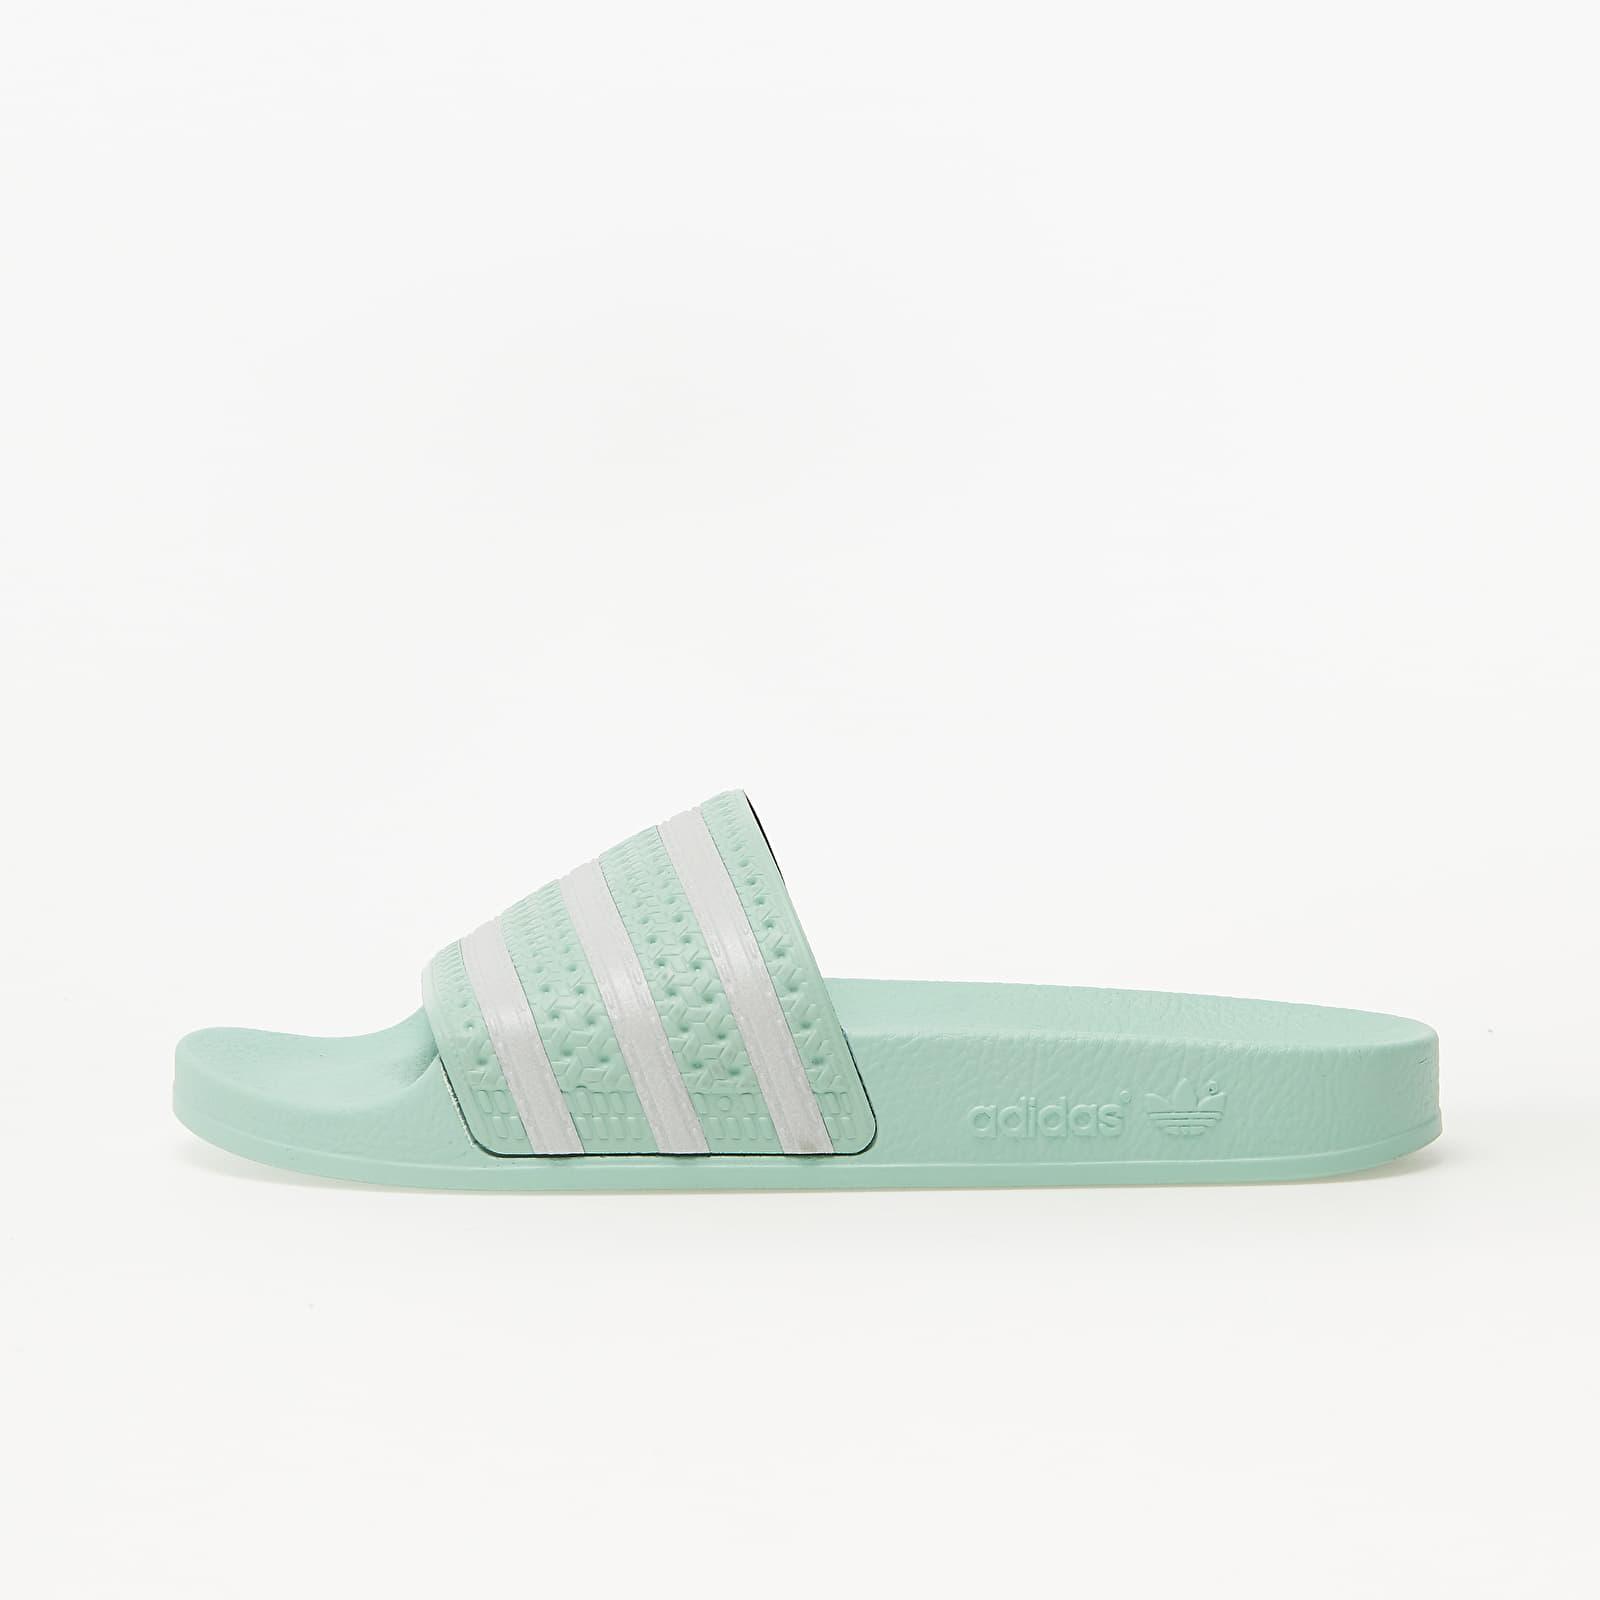 adidas Adilette Blur Green/ Supplier Colour/ Blur Green EUR 39